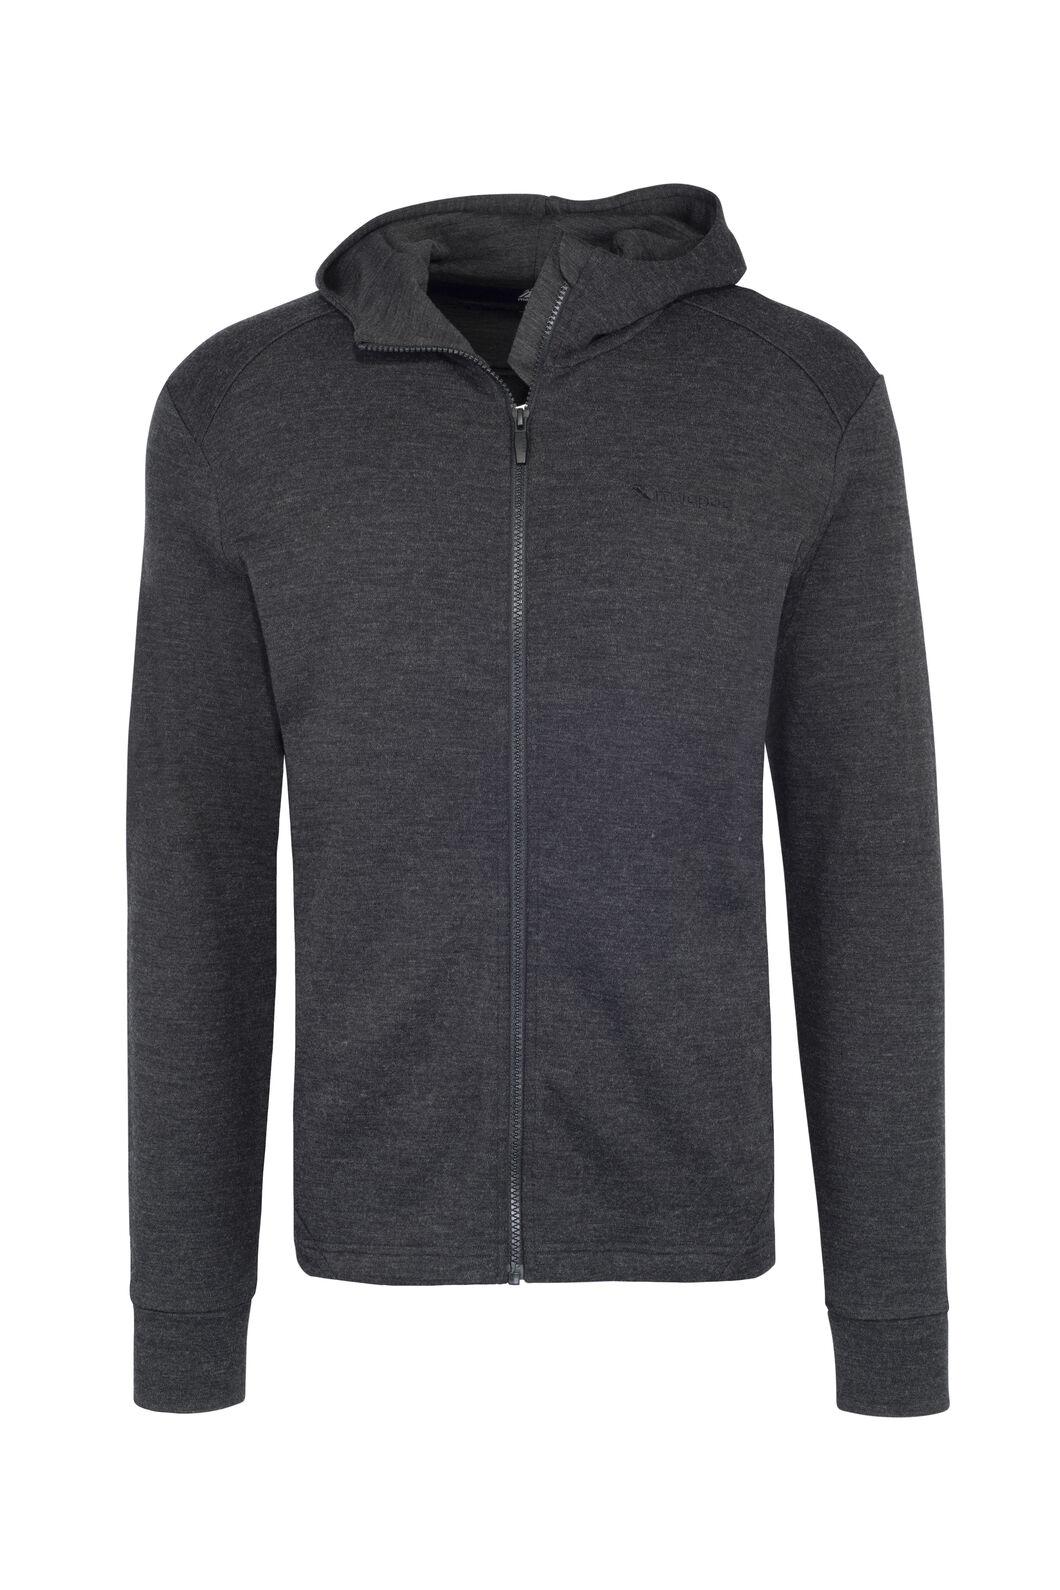 Macpac Ohau 320 Merino Hooded Jacket — Men's, Charcoal Marle, hi-res